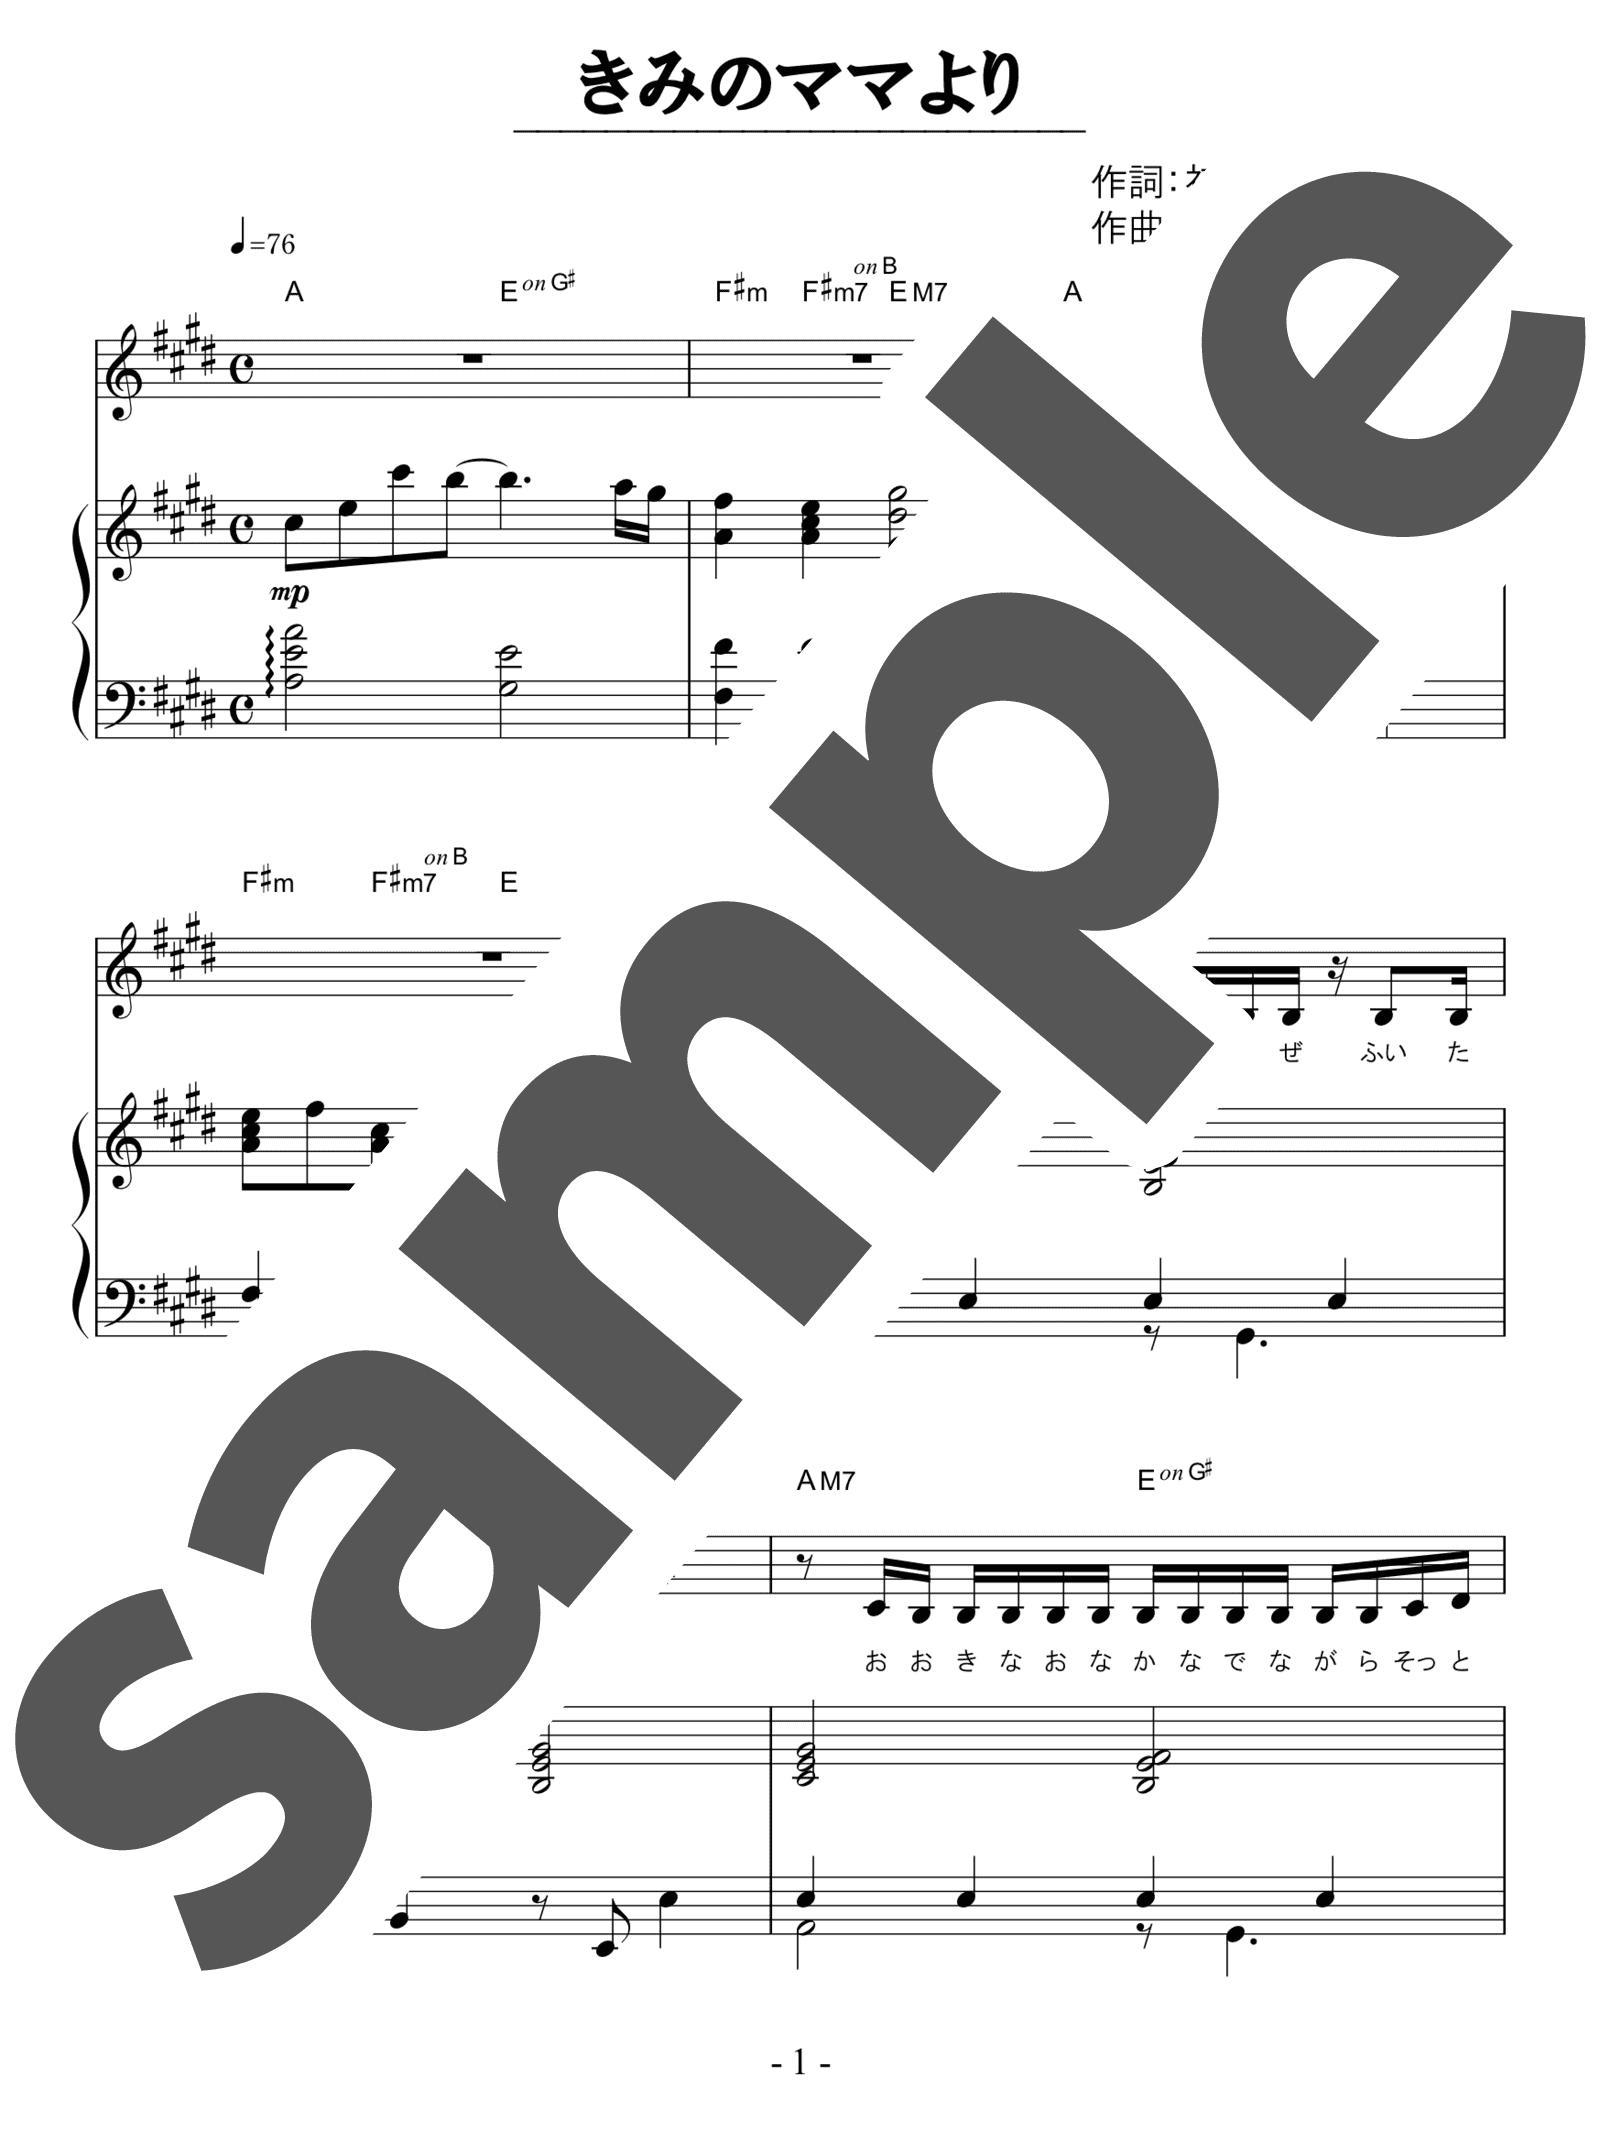 「きみのママより」のサンプル楽譜